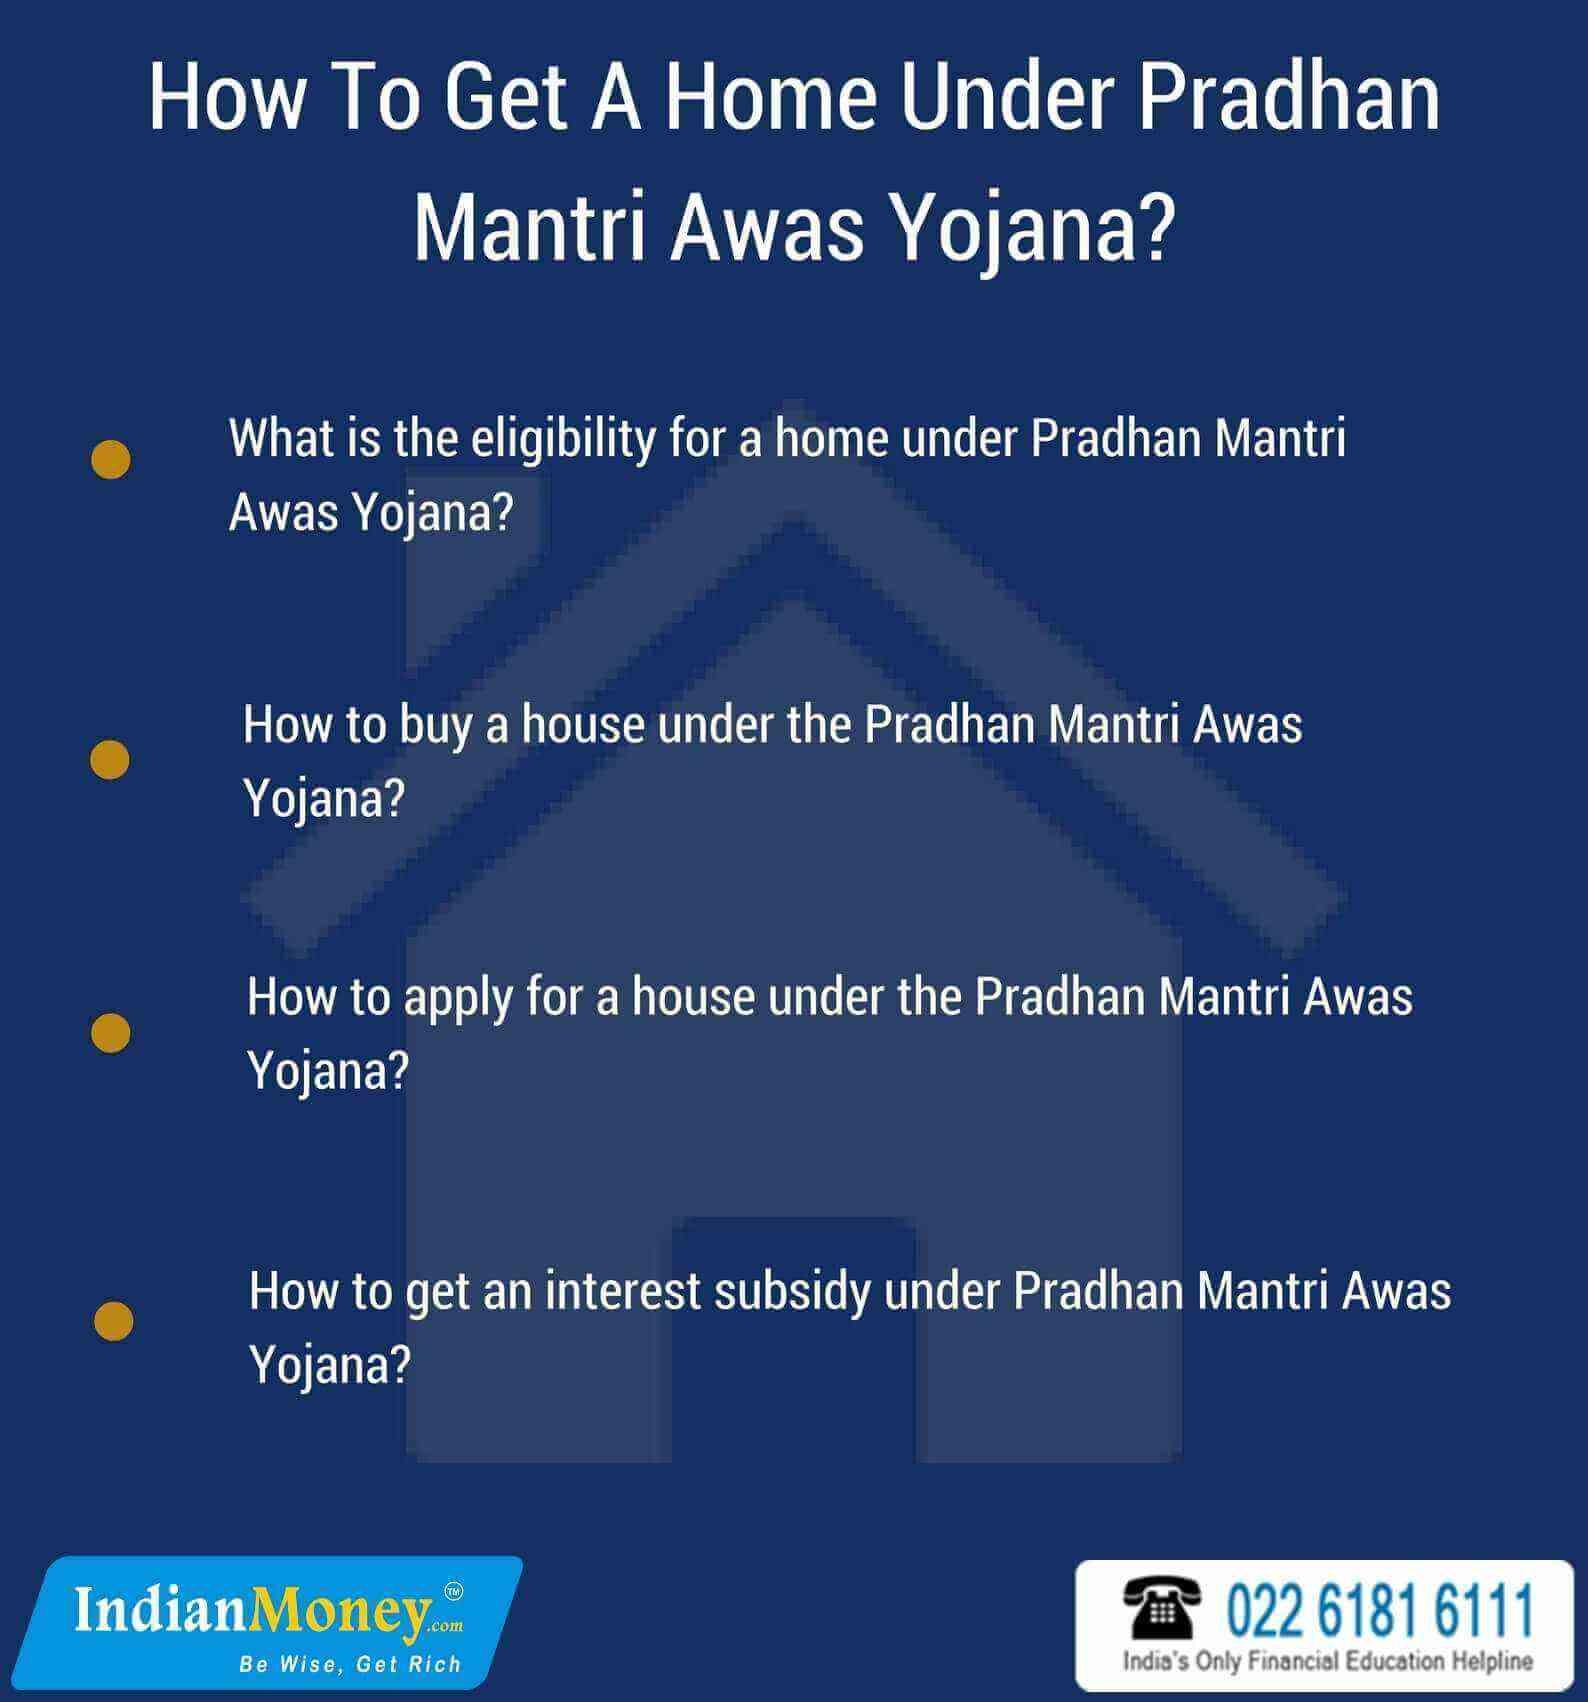 How To Get A Home Under Pradhan Mantri Awas Yojana?